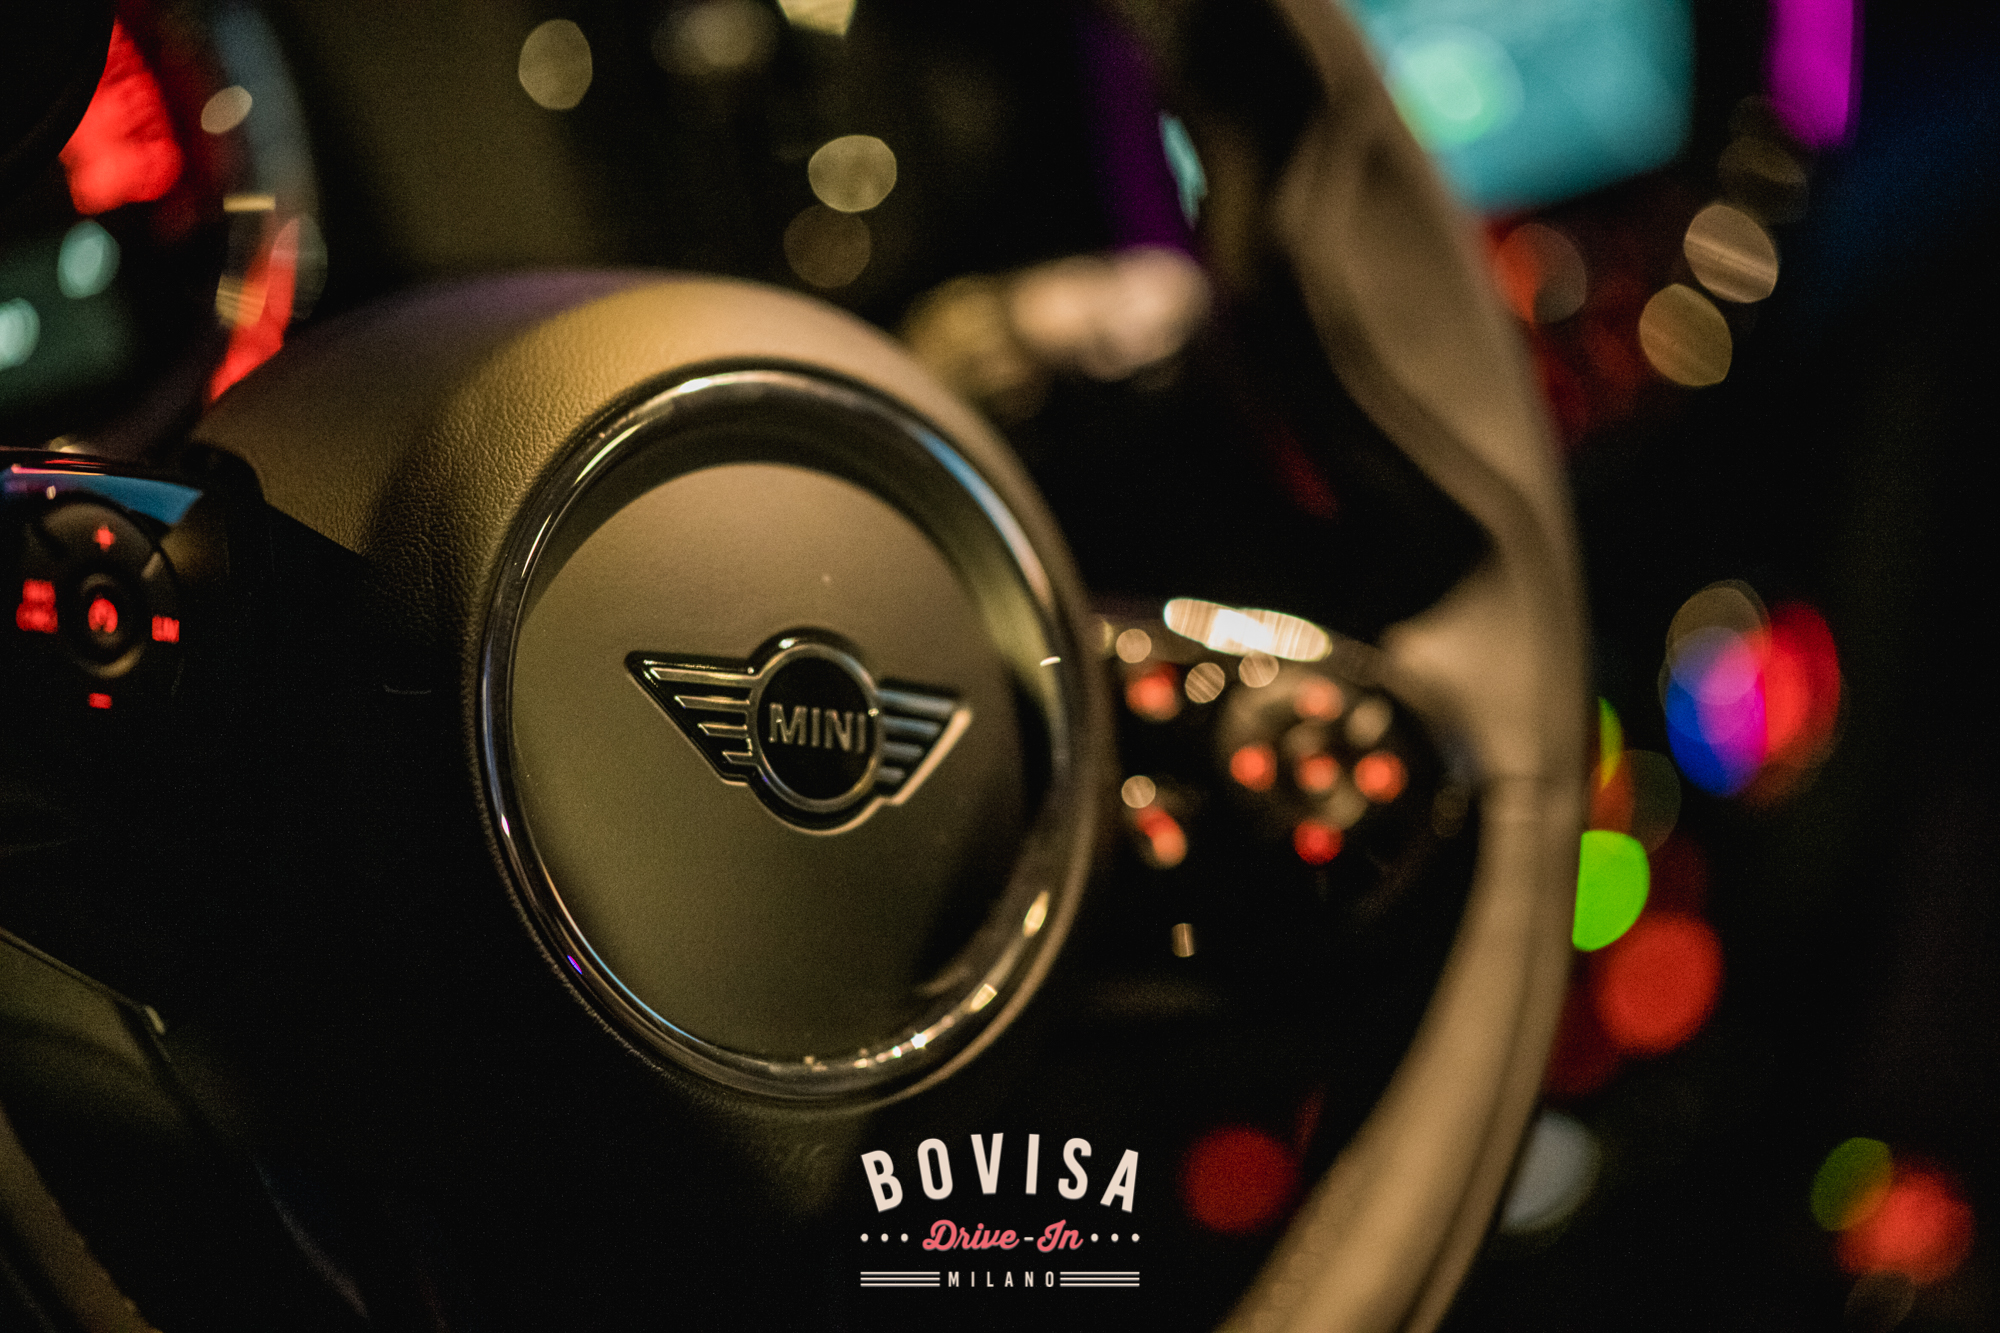 #3 Bovisa Drive-In next event 5-6-7 luglio cinema food truck bar attrazioni milano